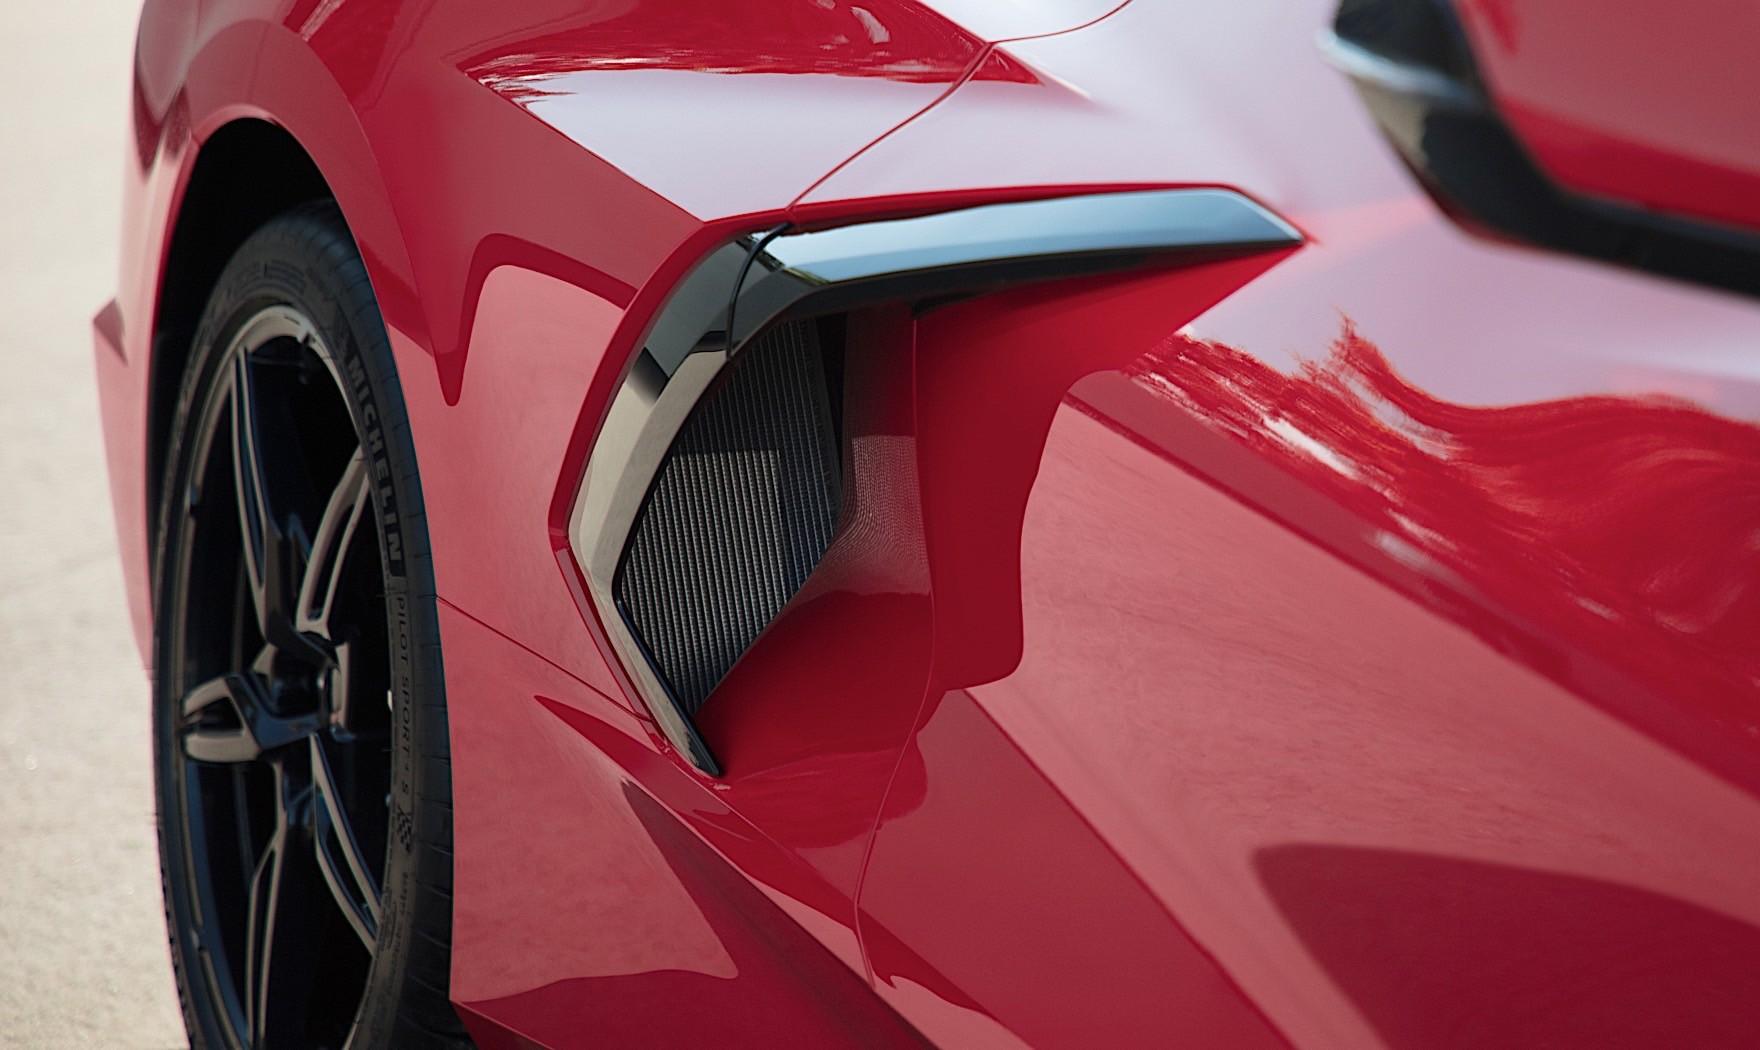 2020 Chevrolet Corvette C8 Z06 Rendered Has Sculpted